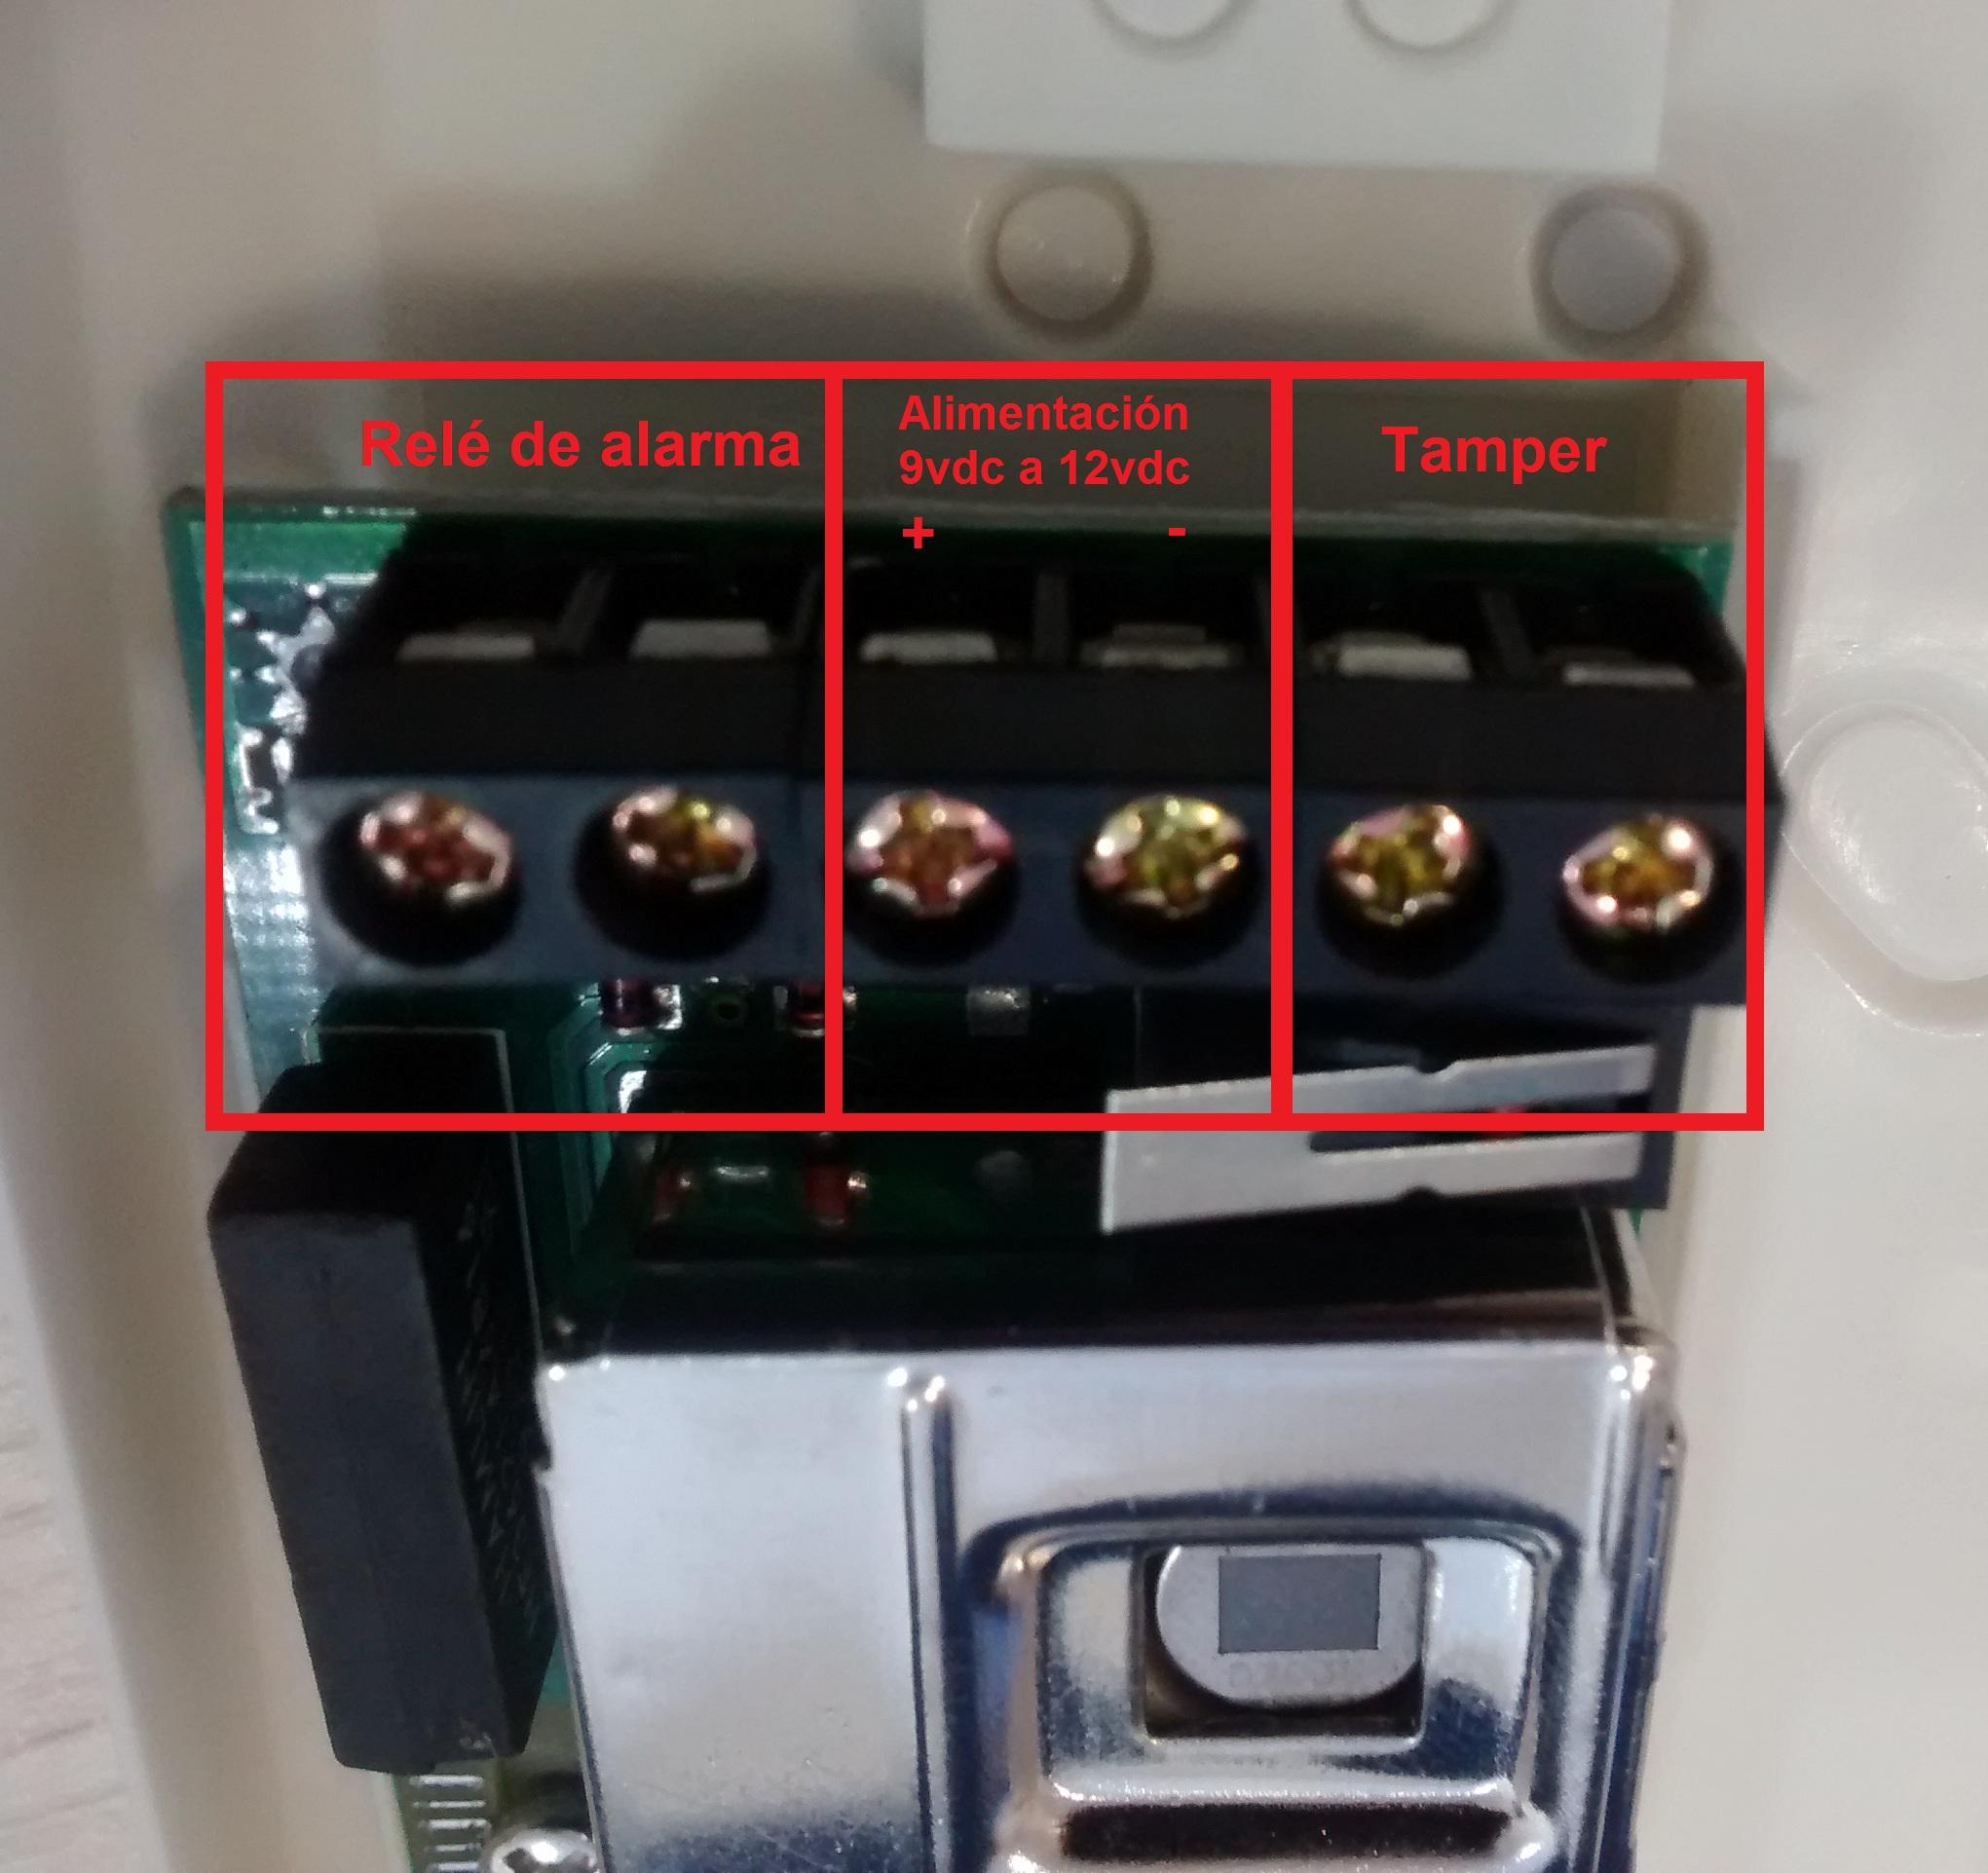 Como configurar sensores en alarma hogar zoominformatica - Sensores de movimiento con alarma ...